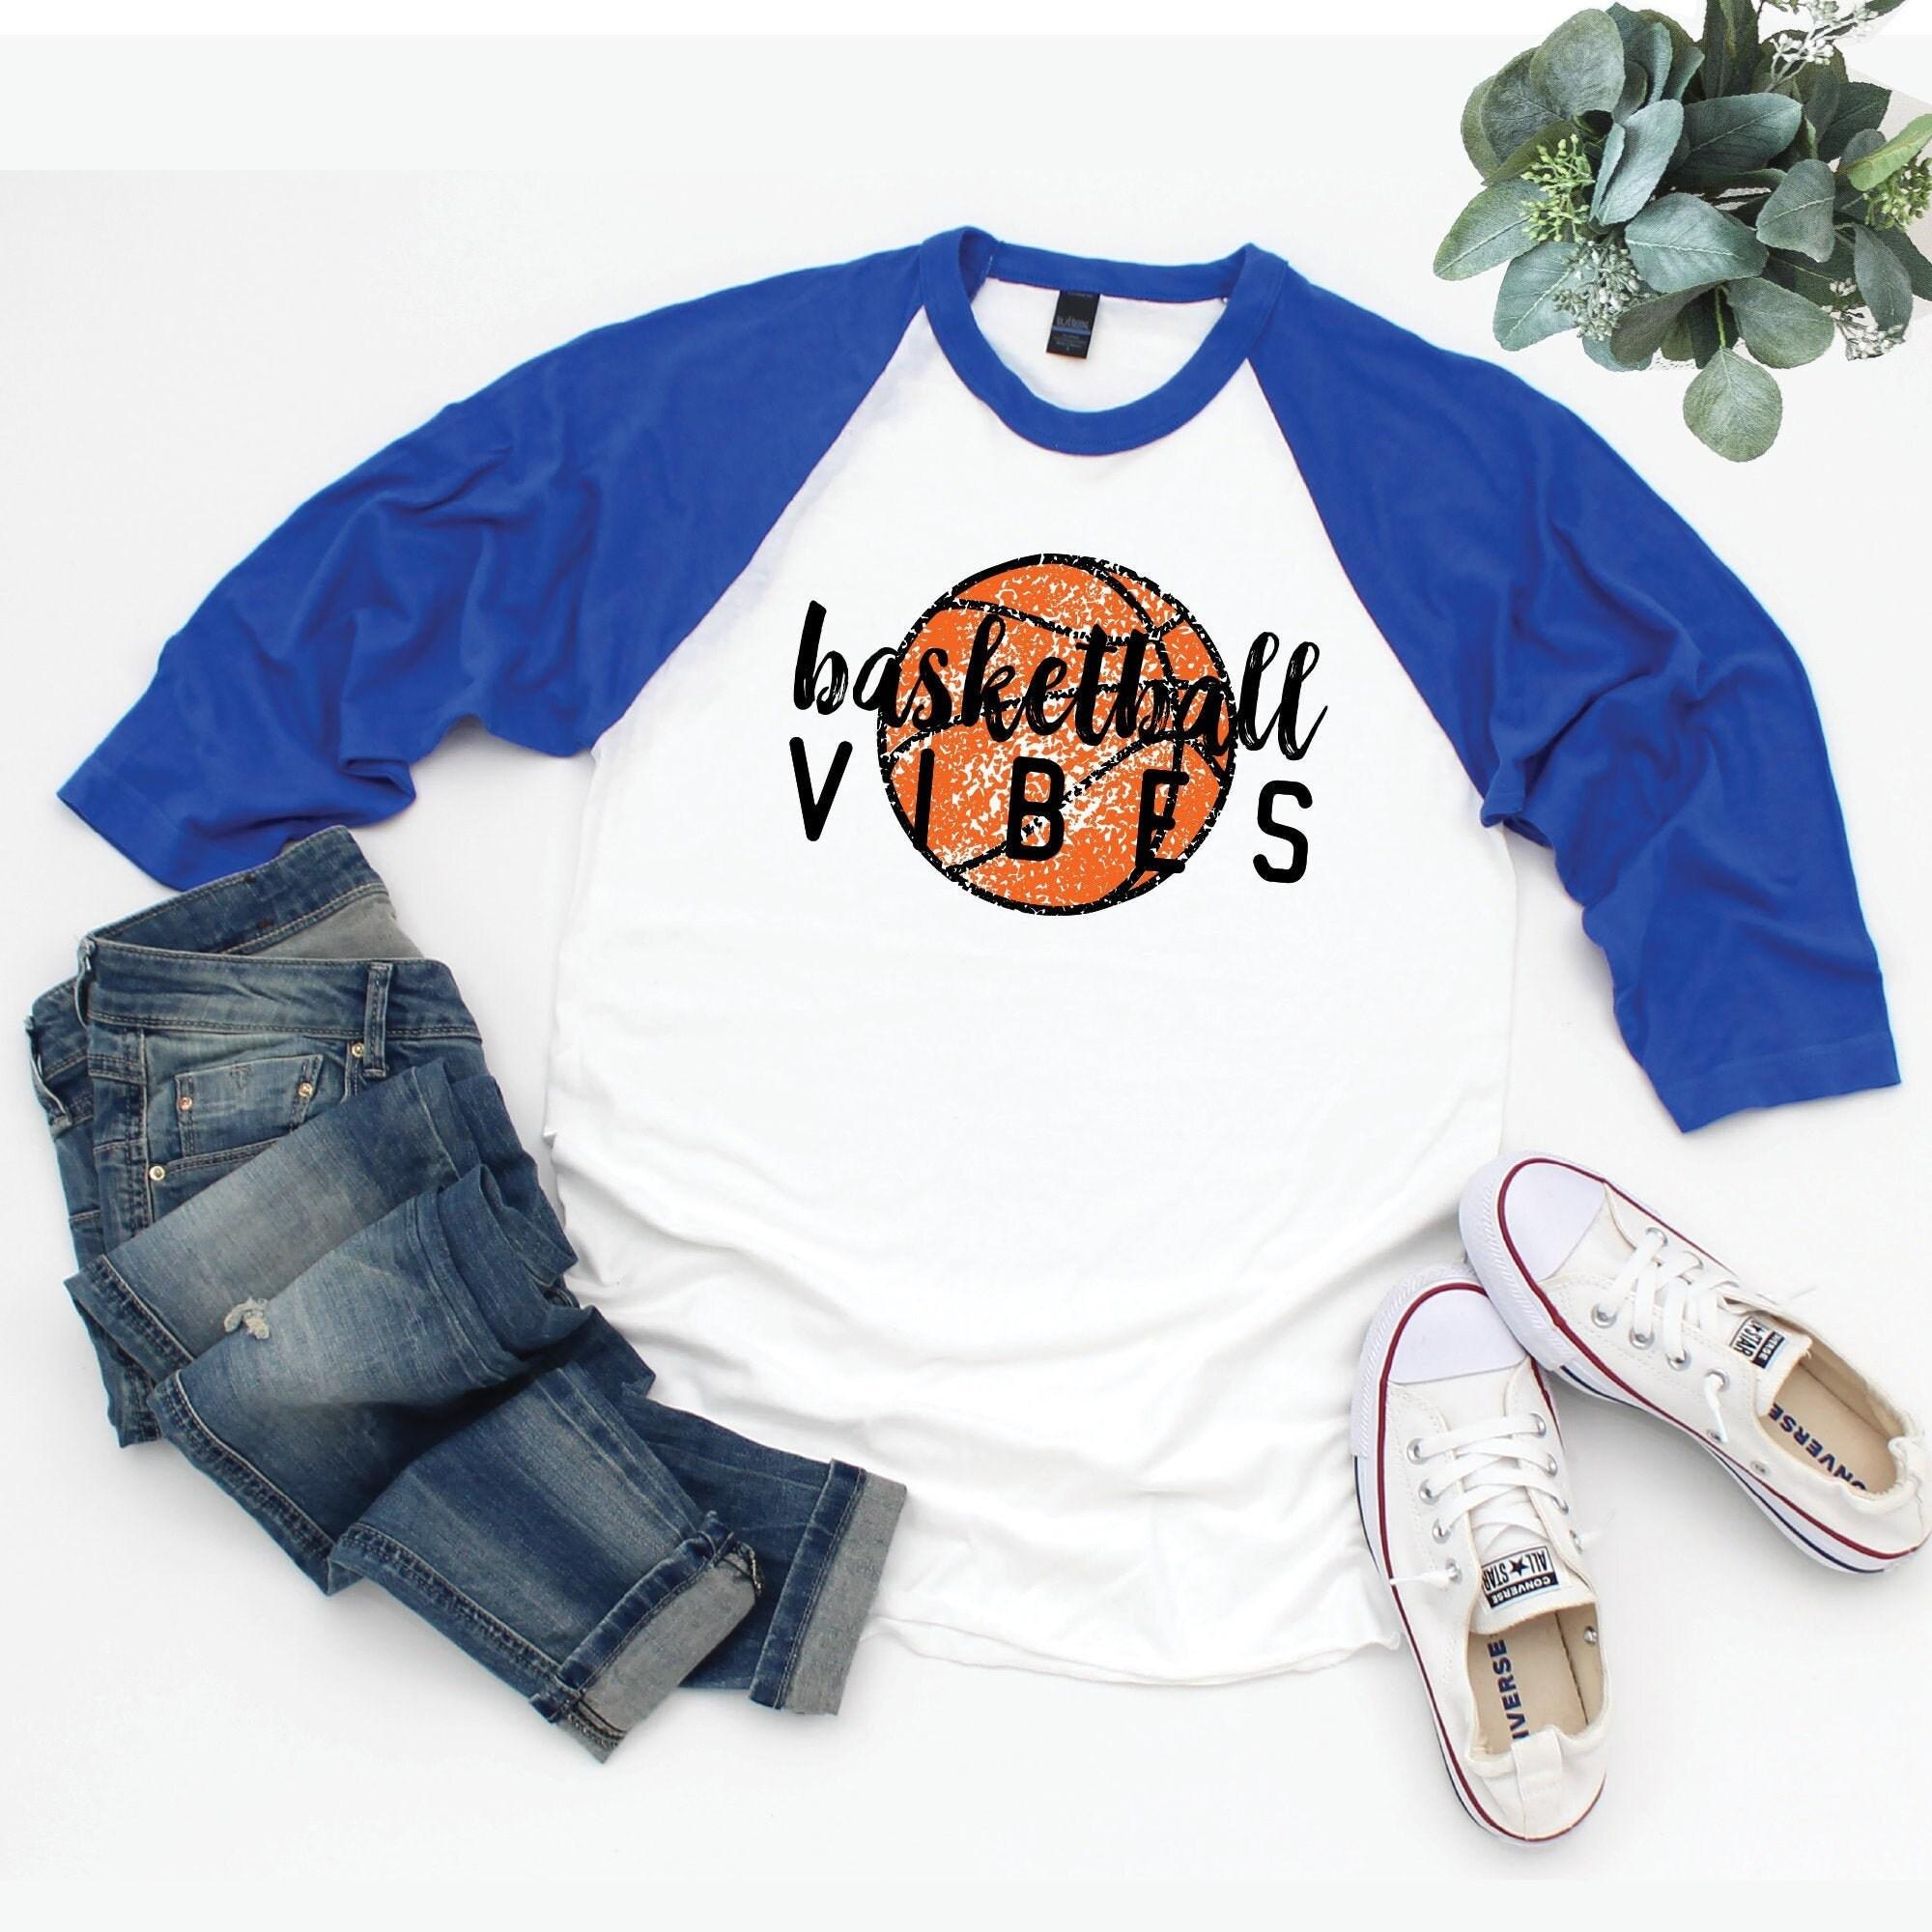 Basketball Shirt Basketball Mom Shirts Basketball Vibes Tshirt Women Basketball Shirts For Women Basketball Coach Gift Basketball Gift Unisex Tshirt